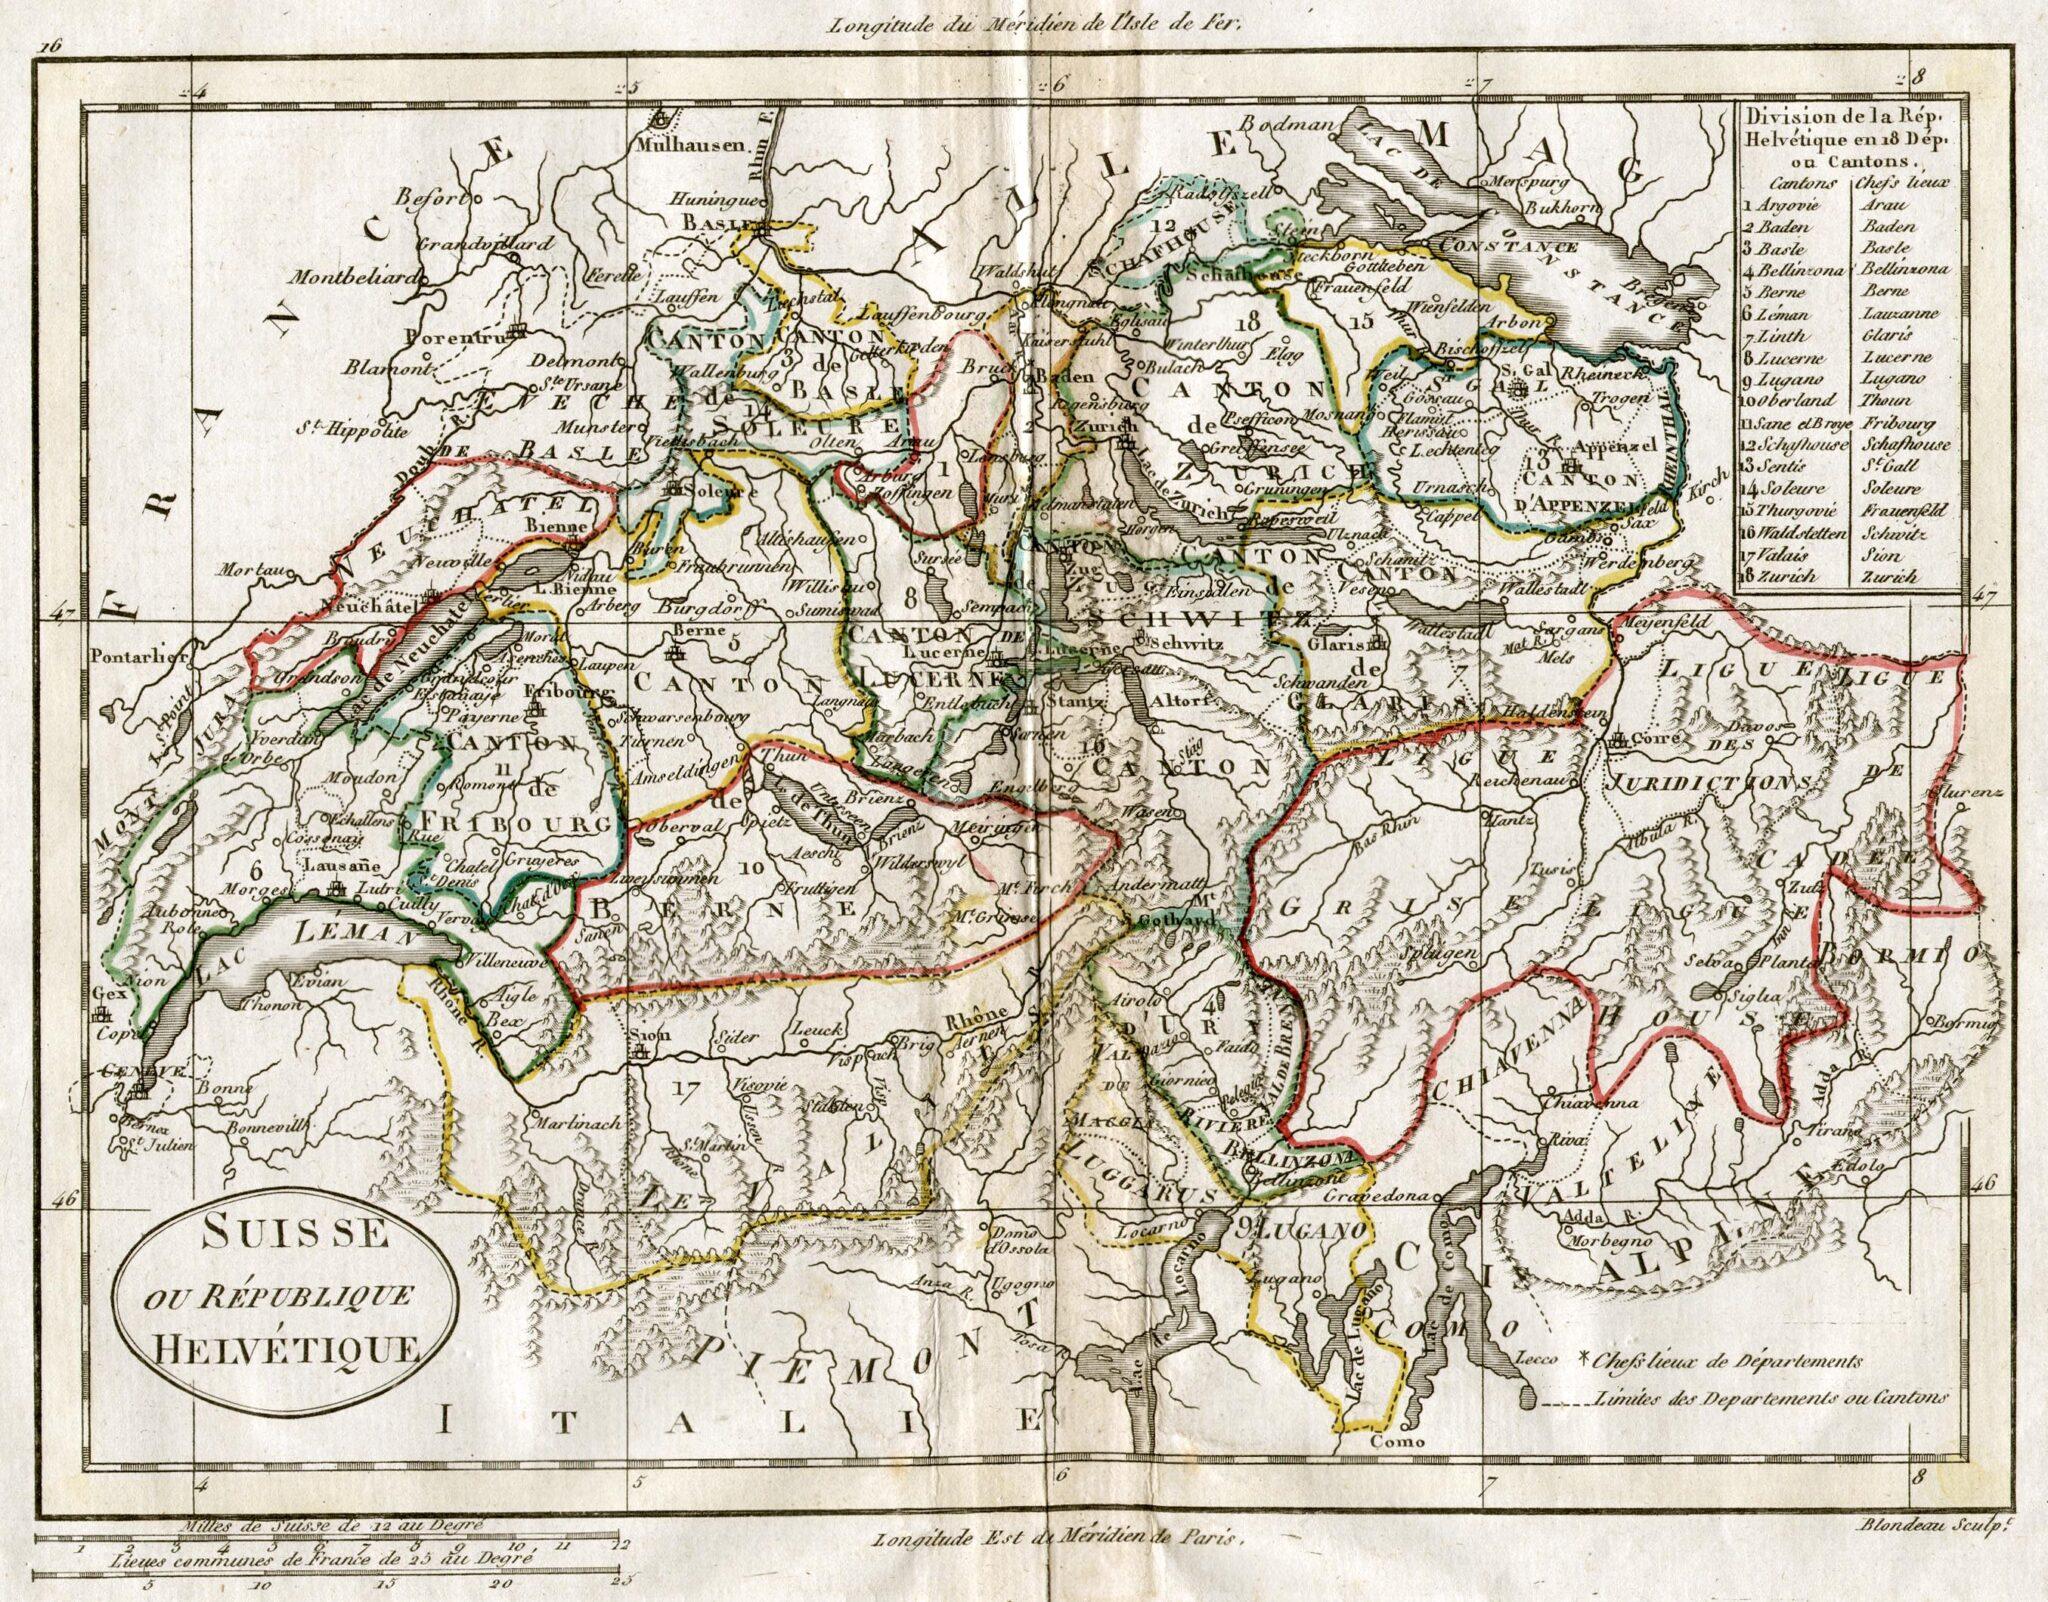 Historische Karte der Helvetischen Republik von 1798.